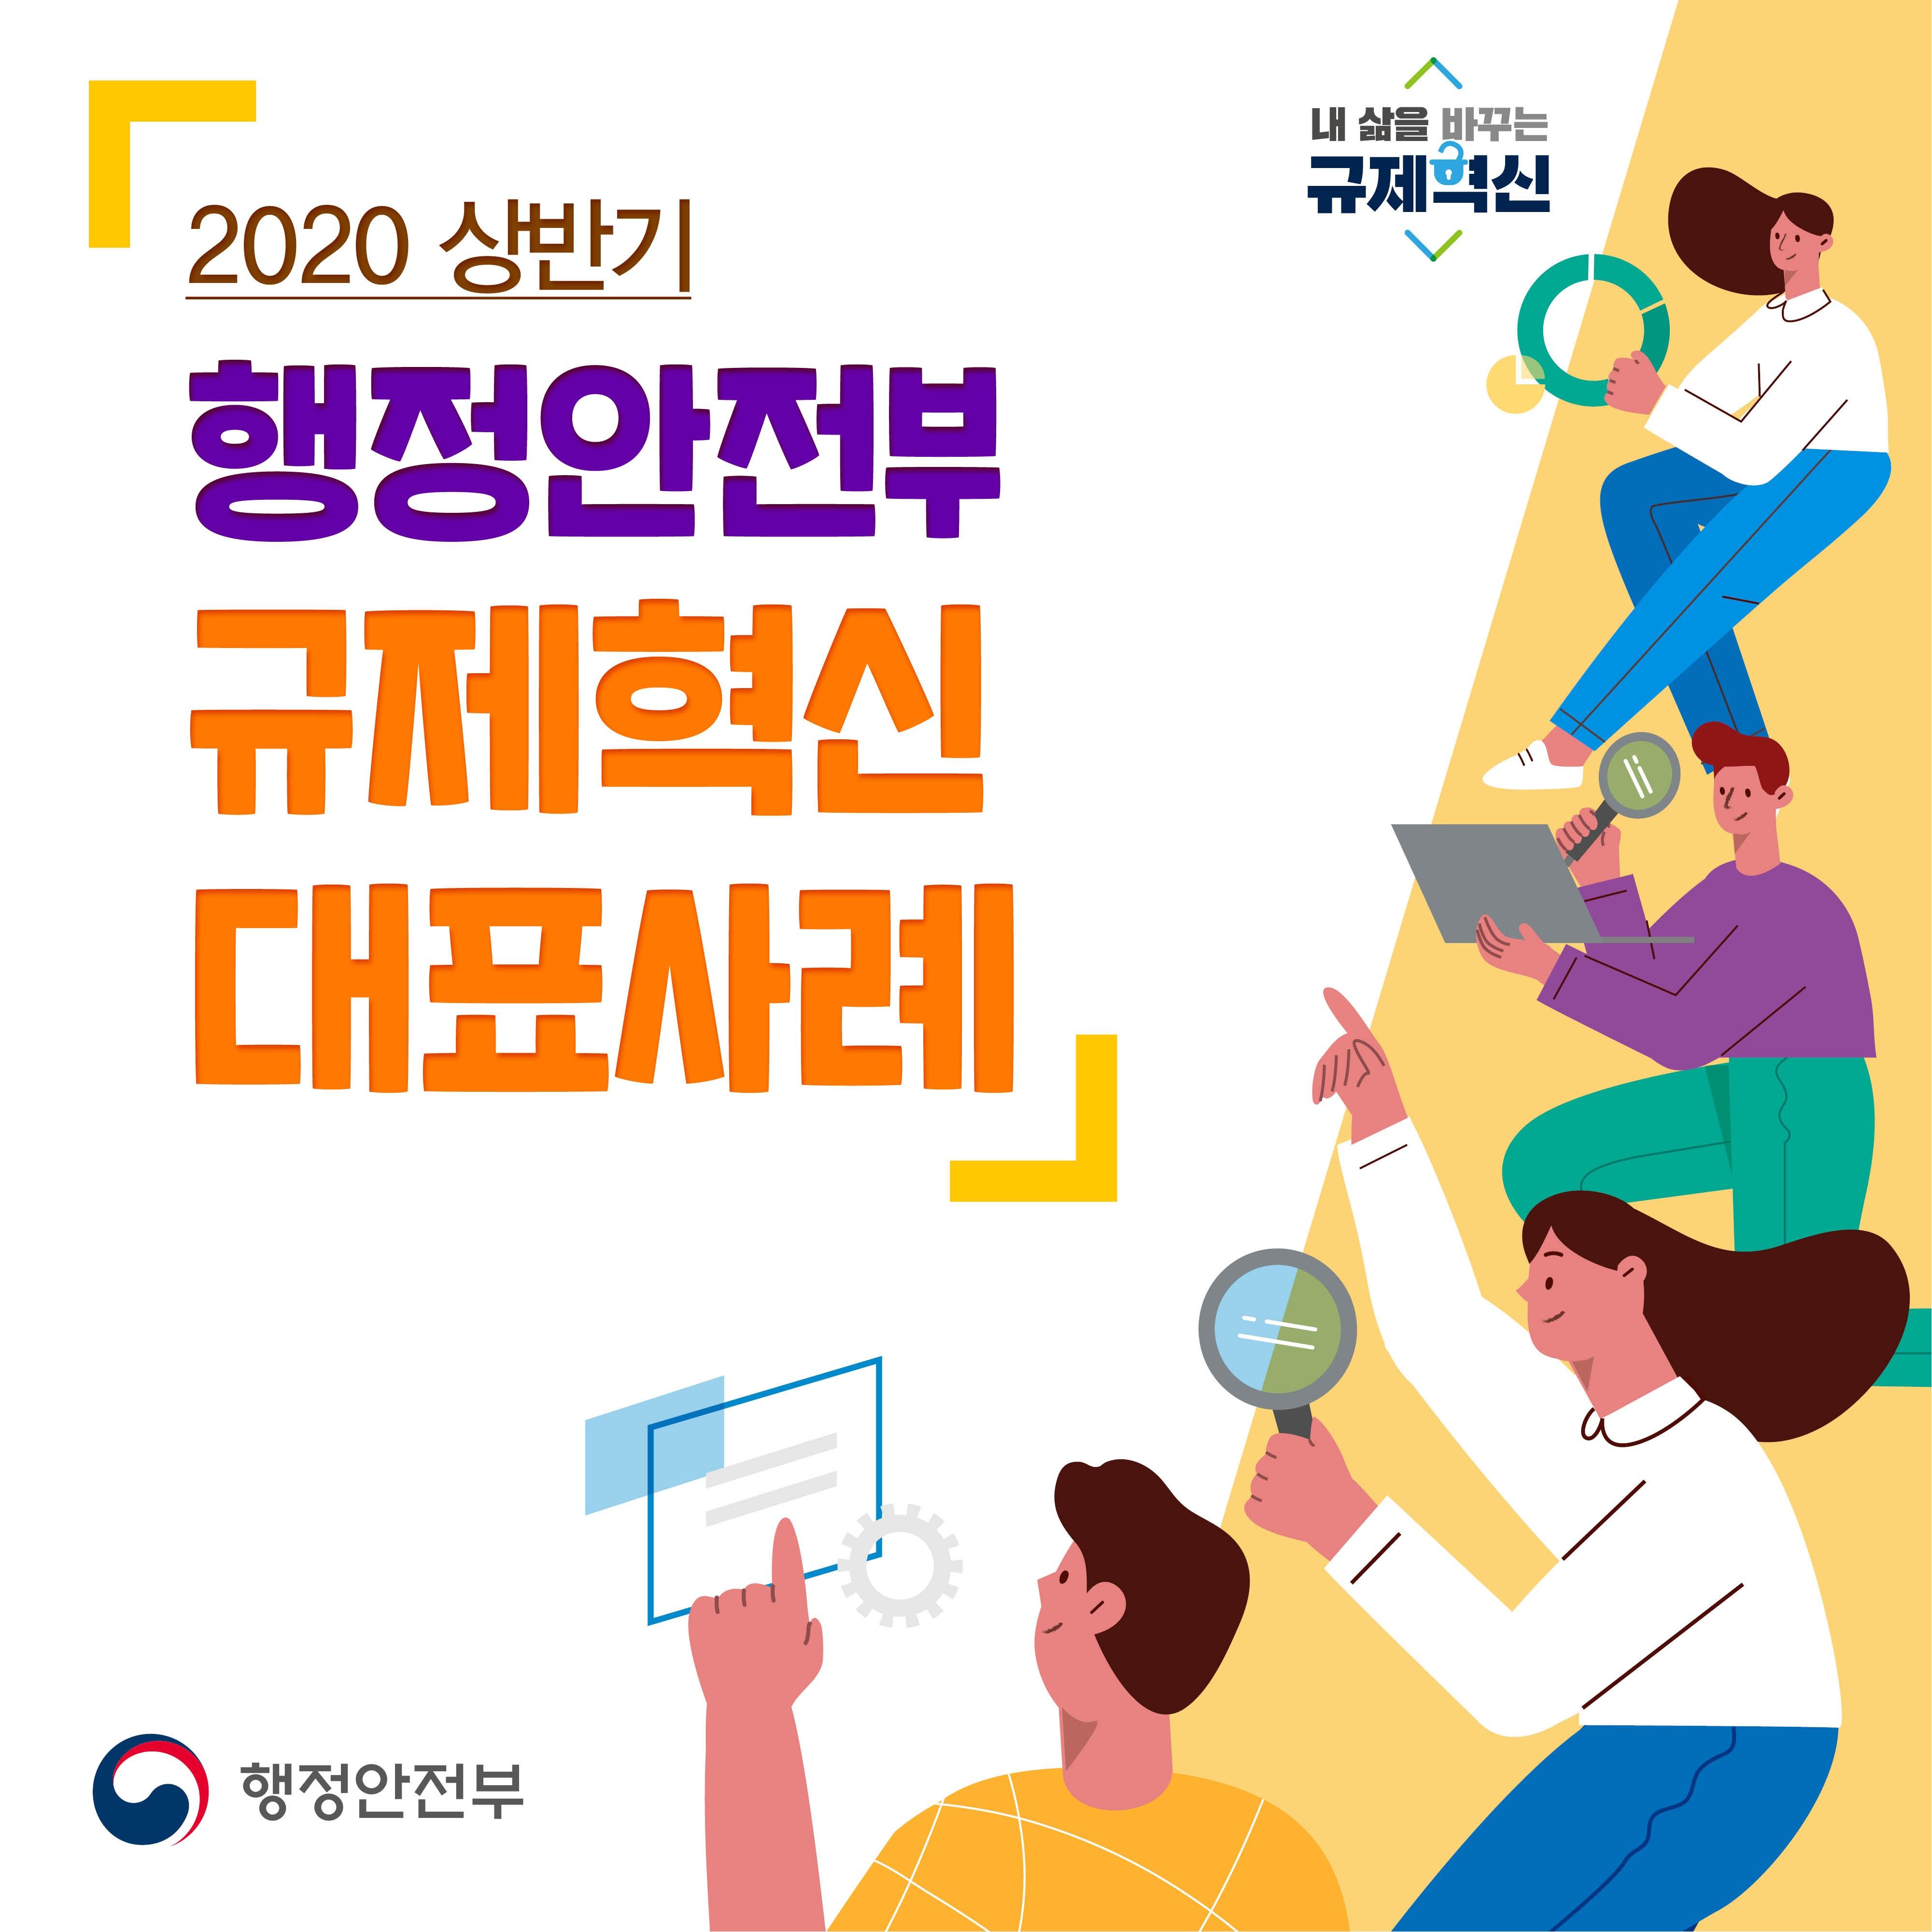 2020 상반기 행정안전부 규제혁신 대표 사례